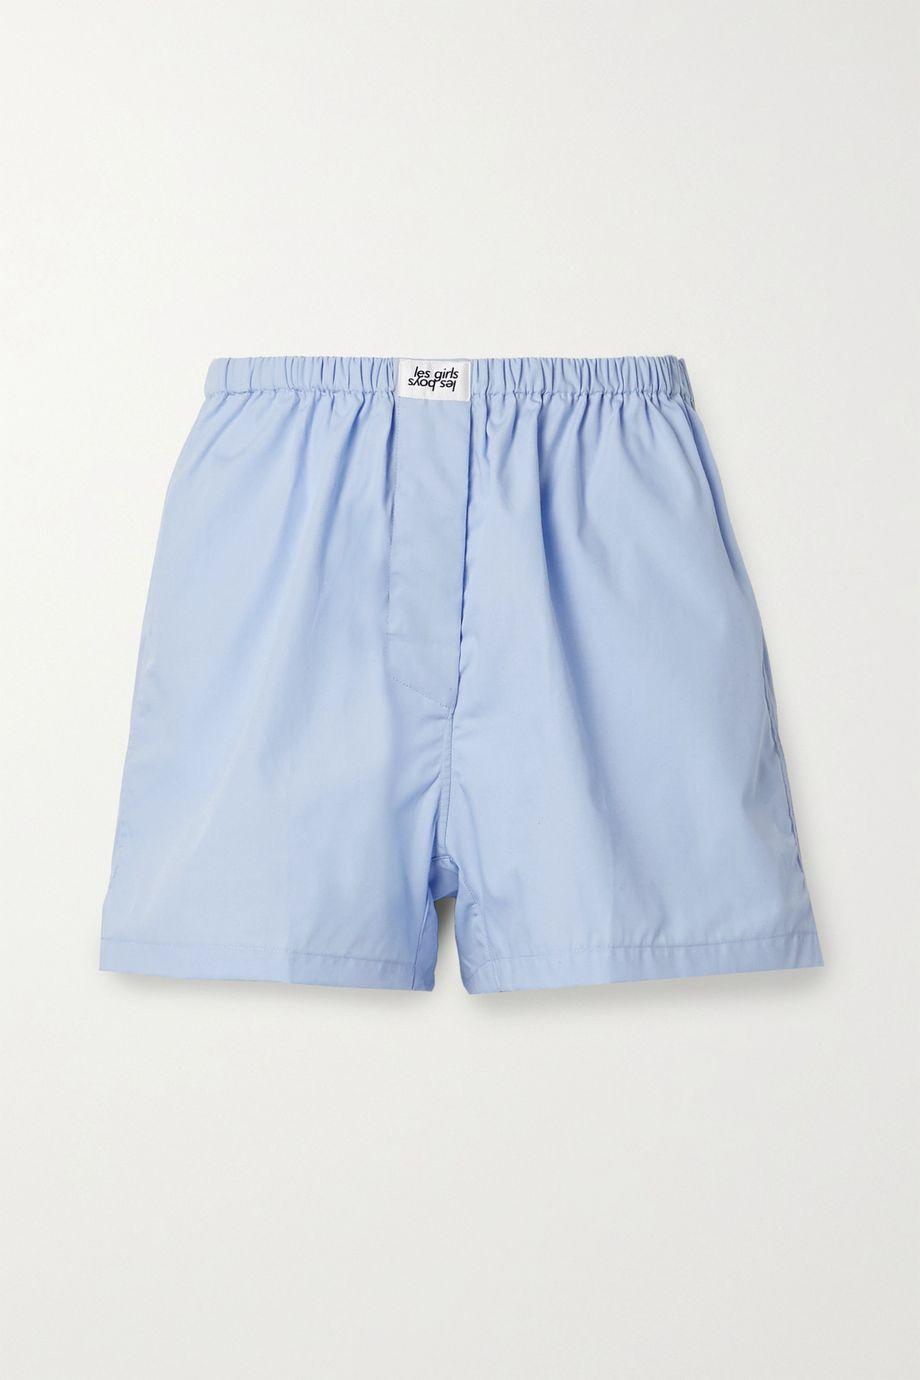 Les Girls Les Boys Appliquéd cotton pajama shorts